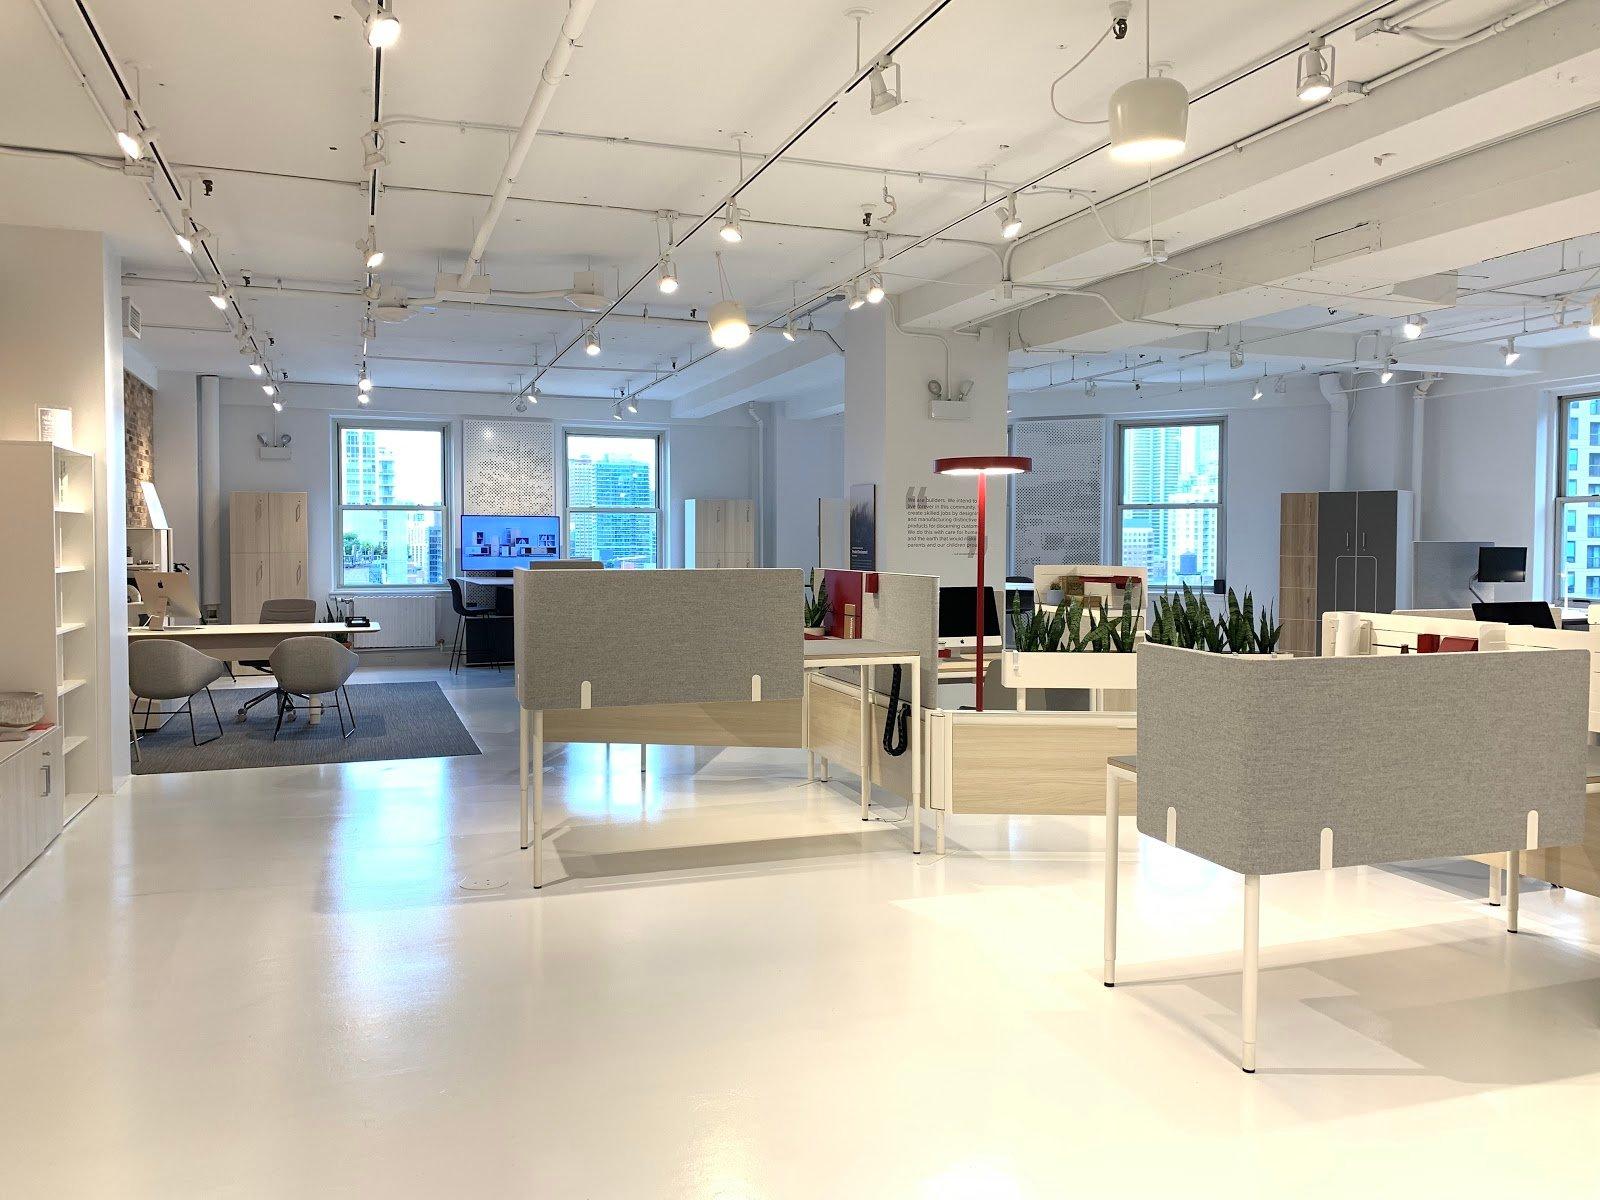 Cloud9 Furniture